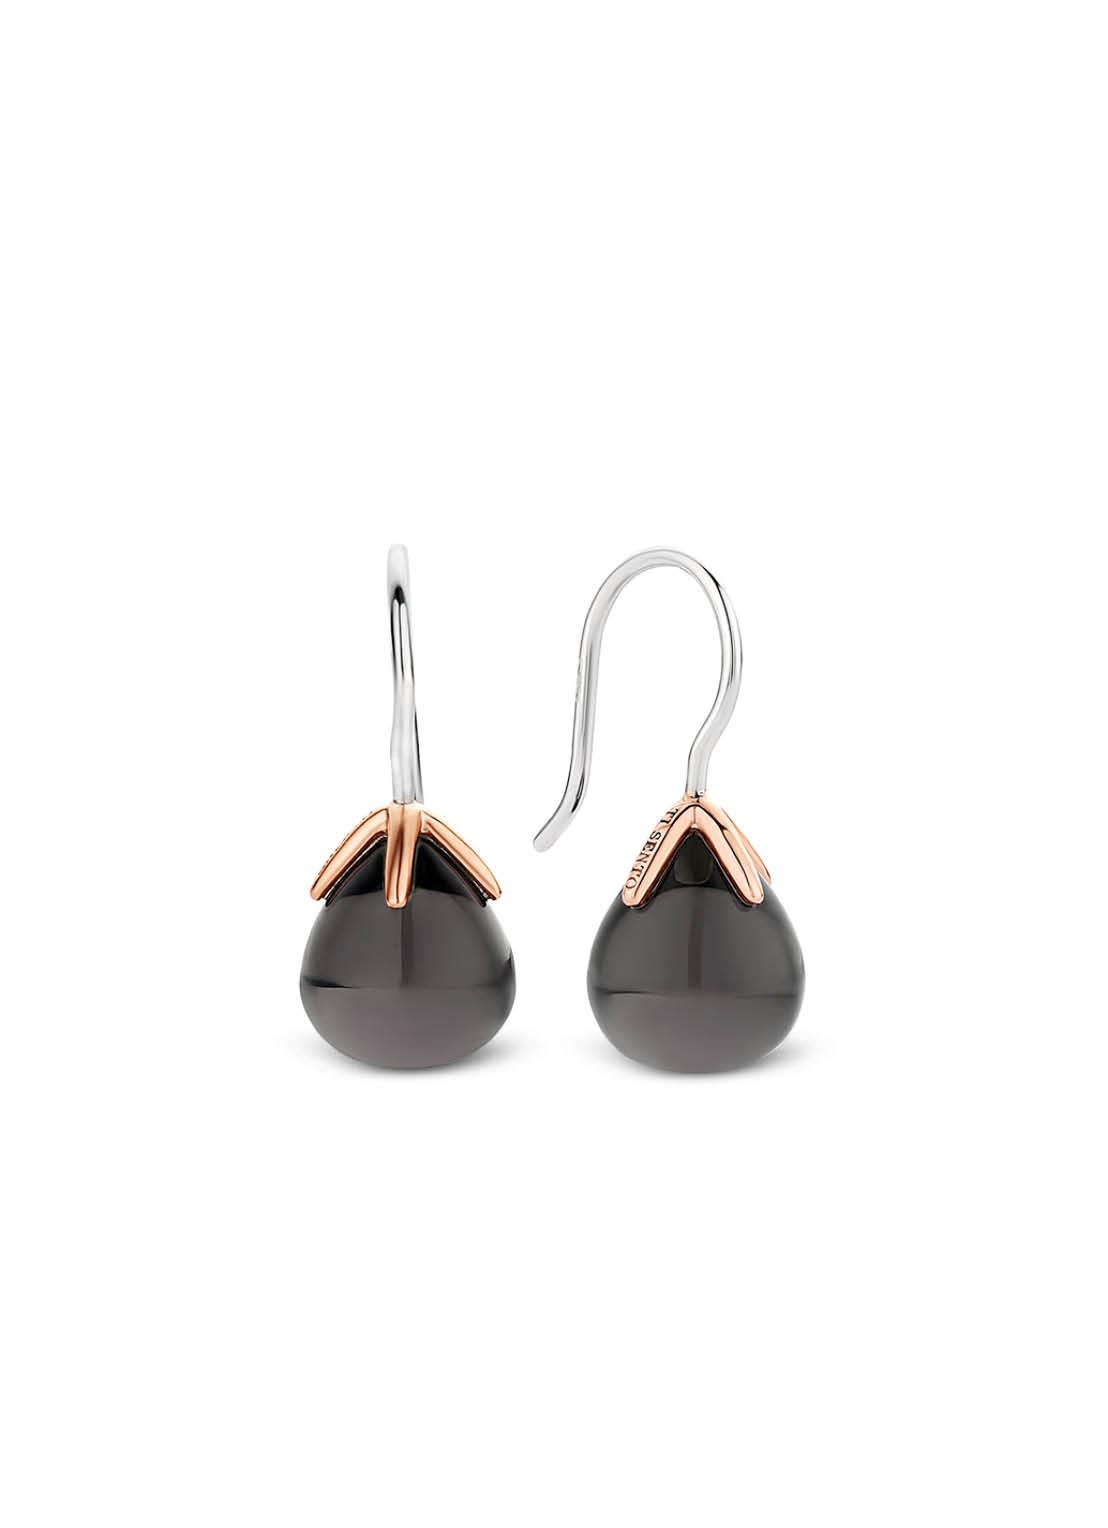 TI SENTO - Milano Earrings 7802GB-3